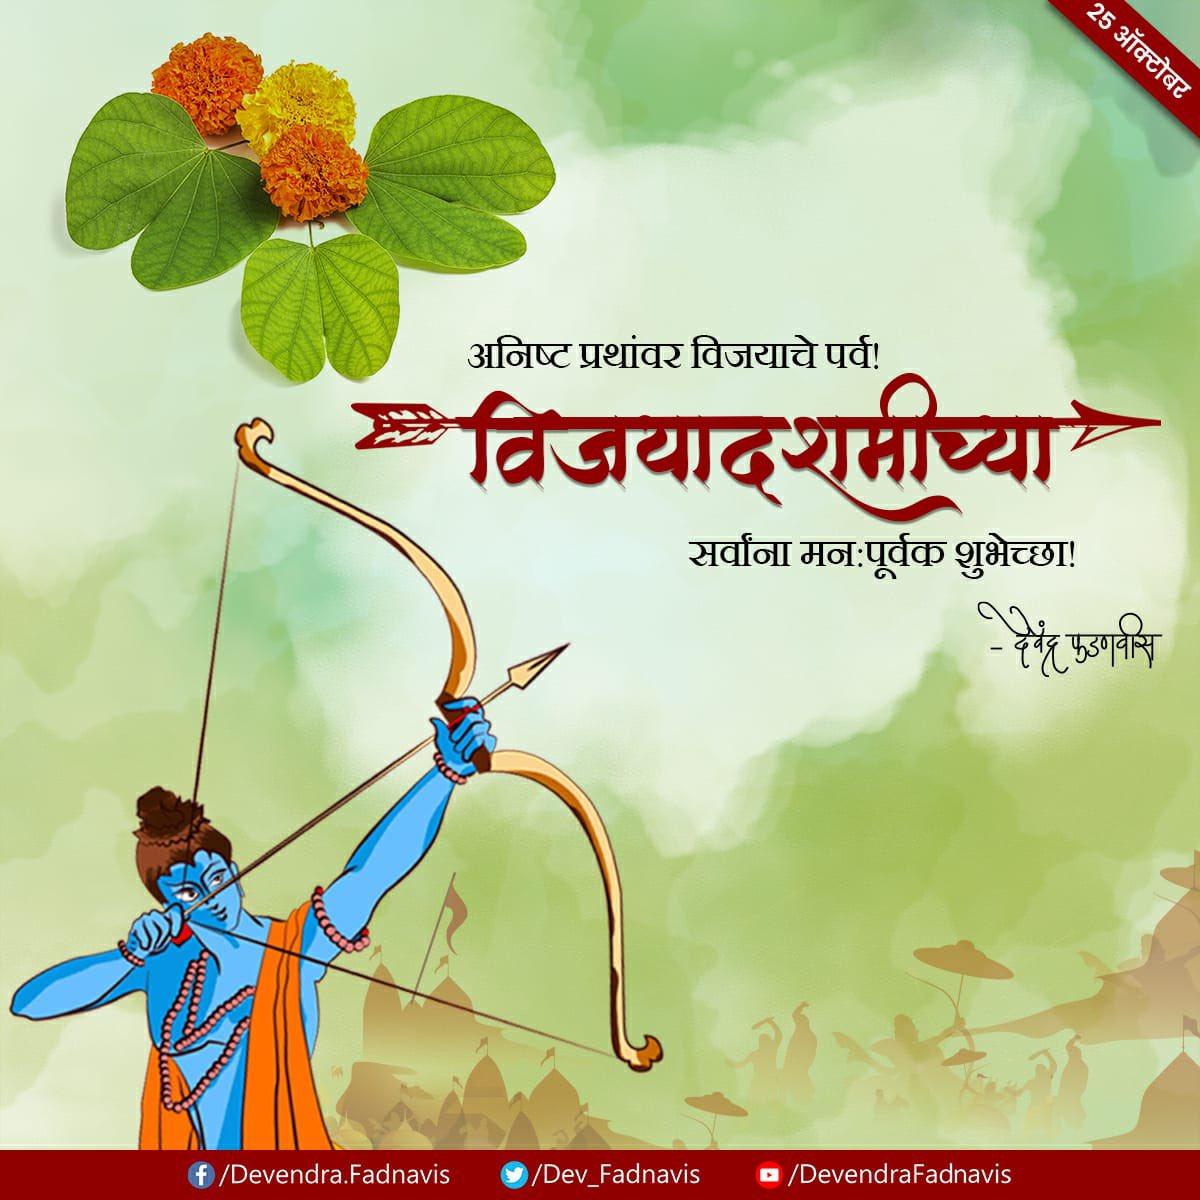 अनिष्ट प्रथांवर विजयाचे पर्व! विजयादशमीच्या सर्वांना मन:पूर्वक शुभेच्छा ! #HappyDussehra !  #Vijayadashami https://t.co/PqODCeyUkC